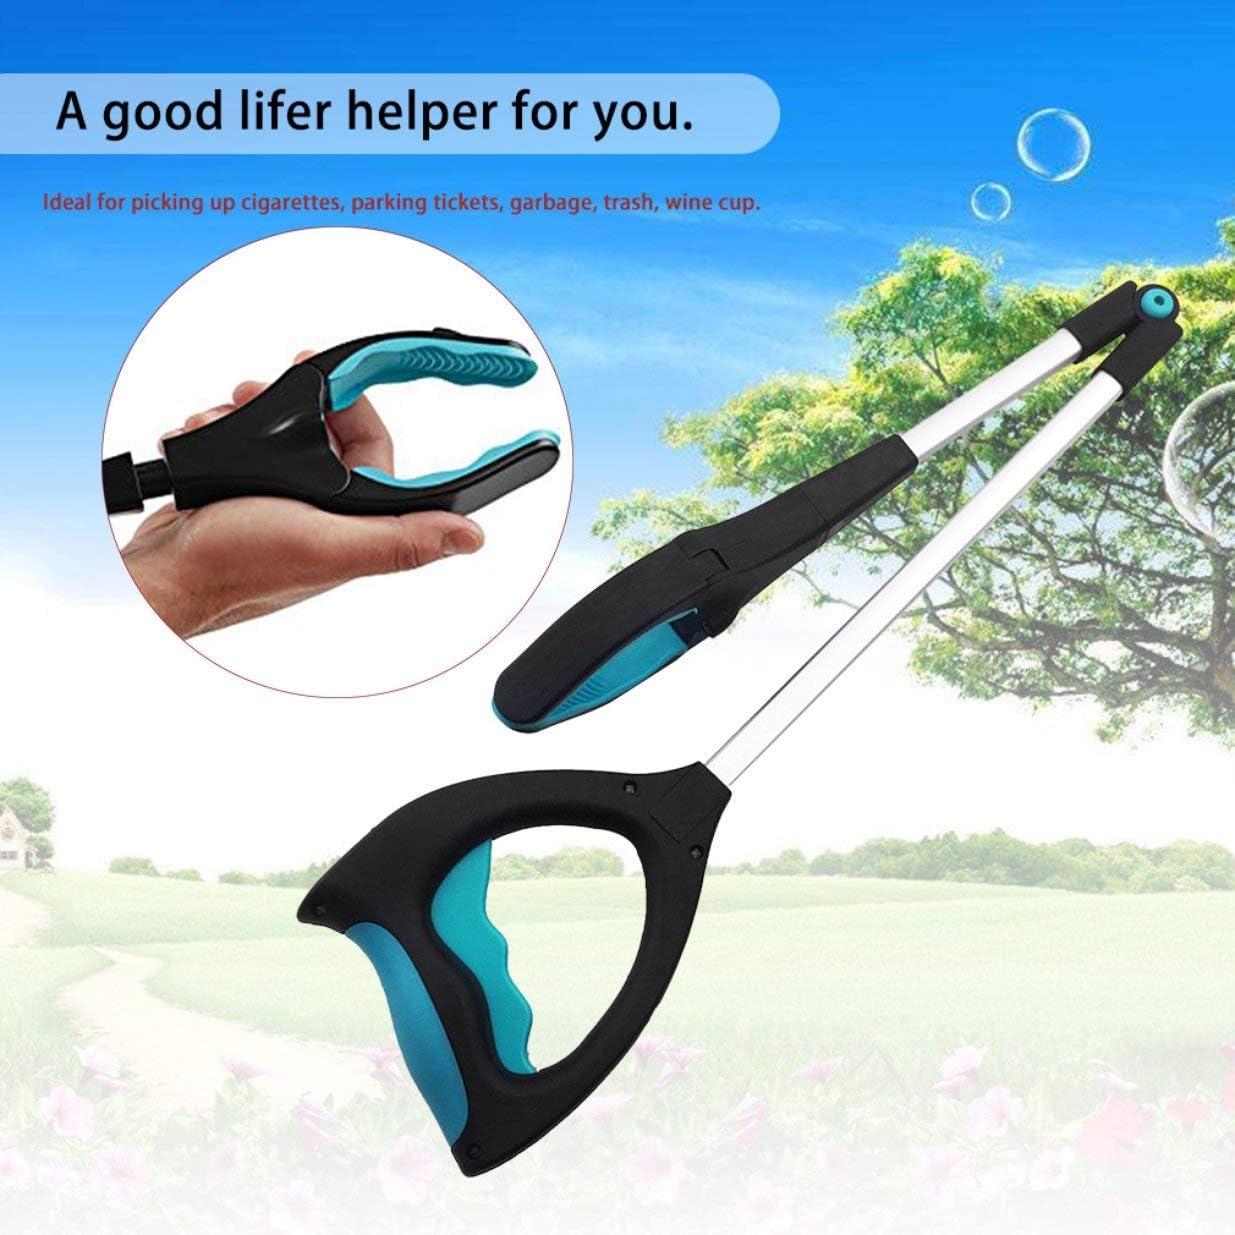 dispositivo plegable para recoger la basura con pinza de mano con LED herramienta de sanidad negro Pinza de metal multiusos para recoger basura azul y plateado Sairis